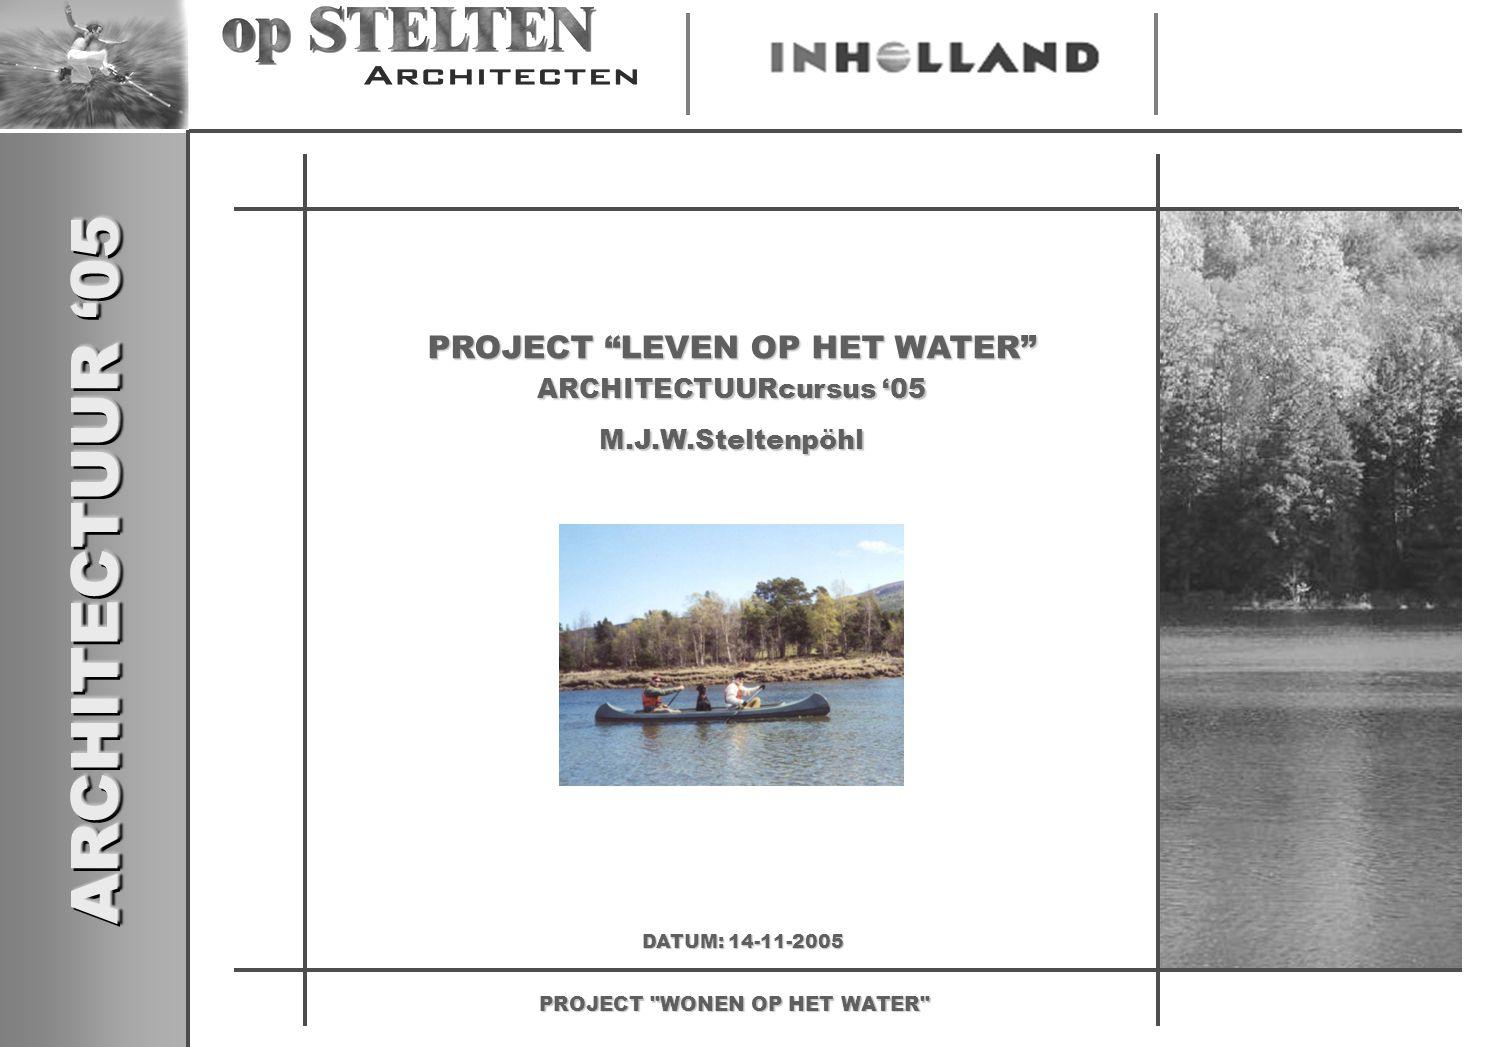 ARCHITECTUUR '05 PROJECT WONEN OP HET WATER PROJECT LEVEN OP HET WATER M.J.W.Steltenpöhl ARCHITECTUURcursus '05 DATUM: 14-11-2005